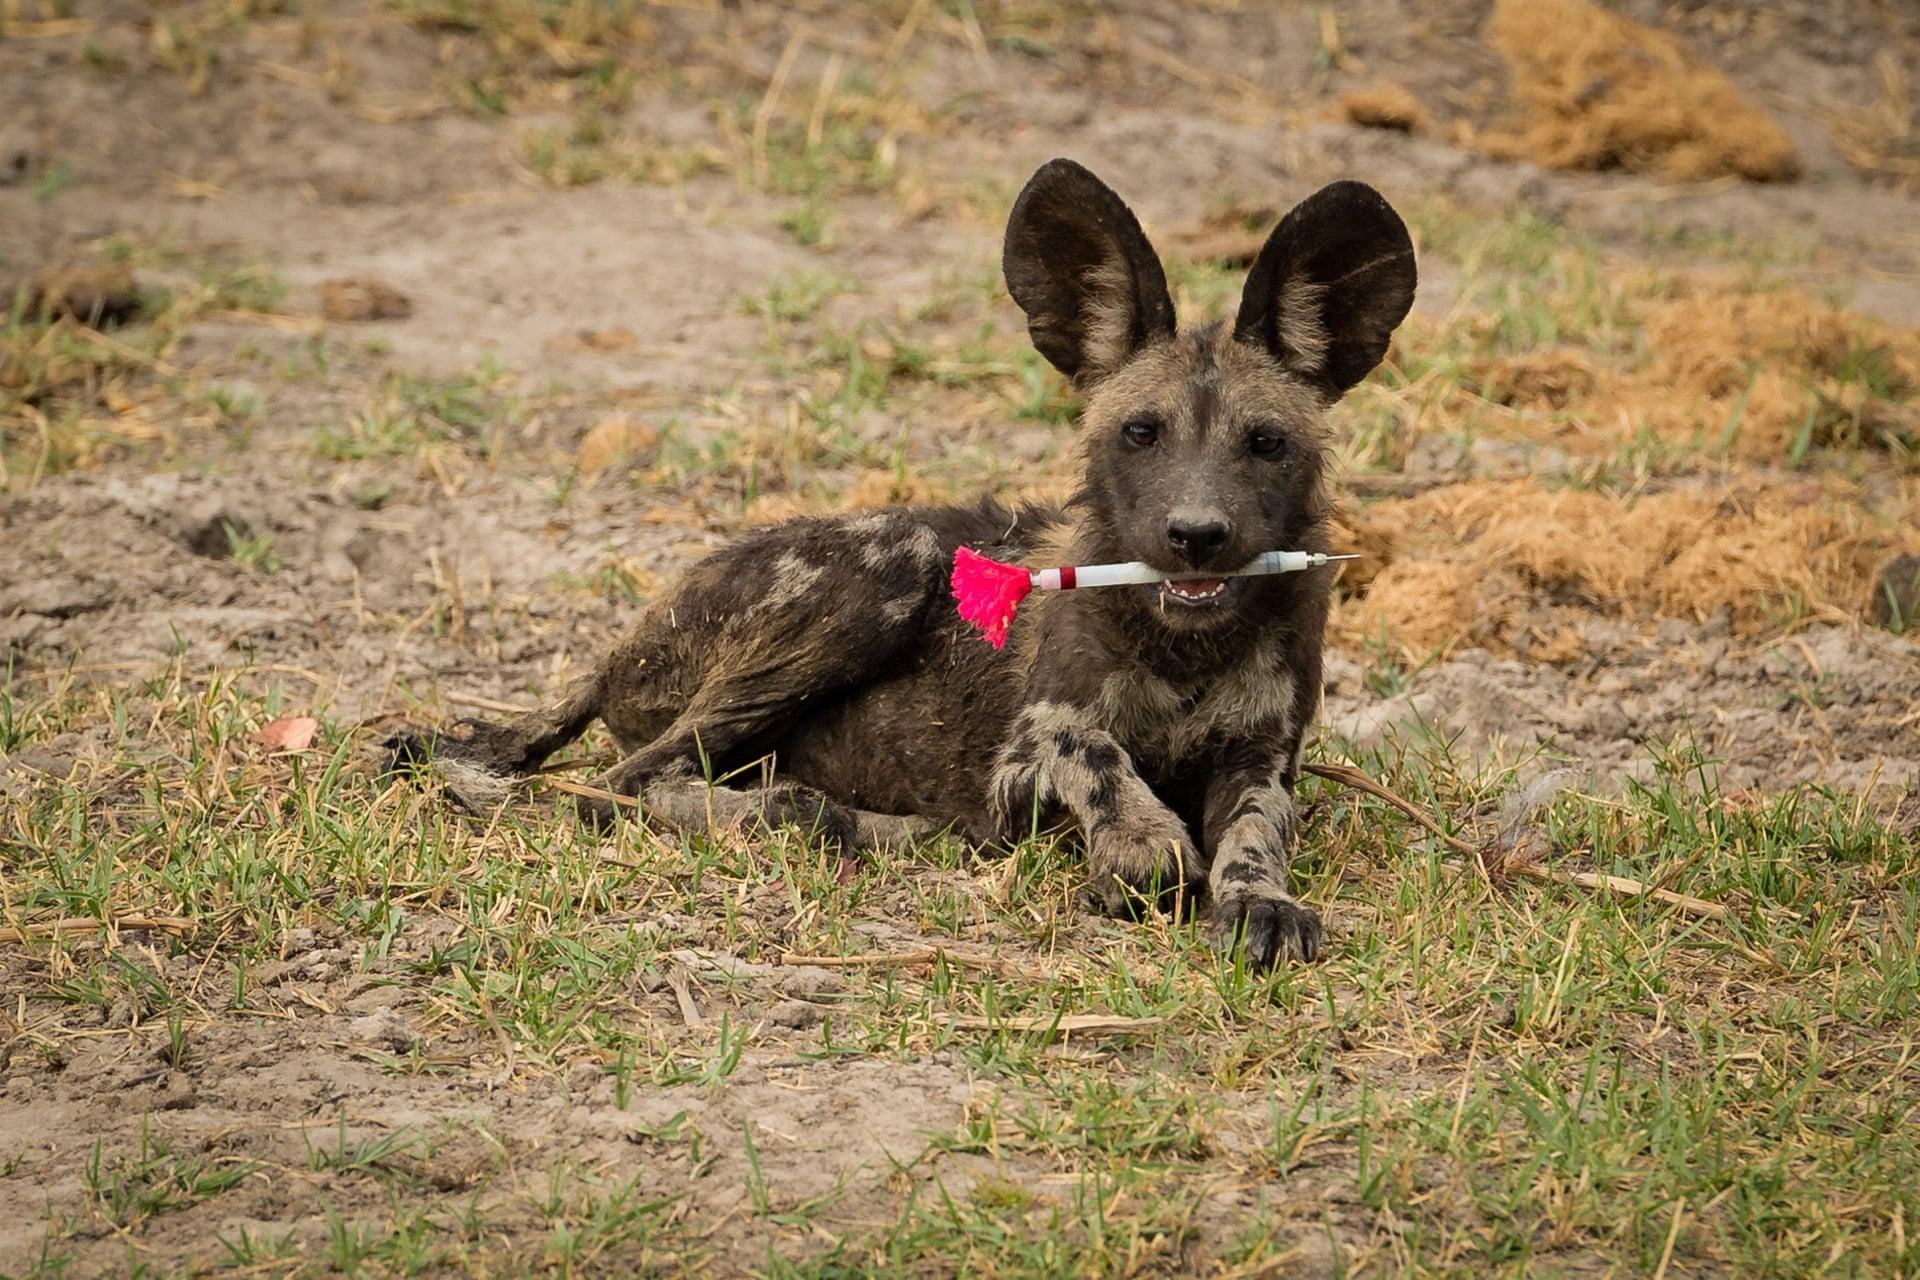 Щенок гиеновидной собаки играет сдротиком странквилизатором. Им экологи анестезировали взрослую гиеновидную собаку, а щенок, очевидно, нашел дротик иприсвоил его. Фото сделано вОкаванго, Ботсвана.